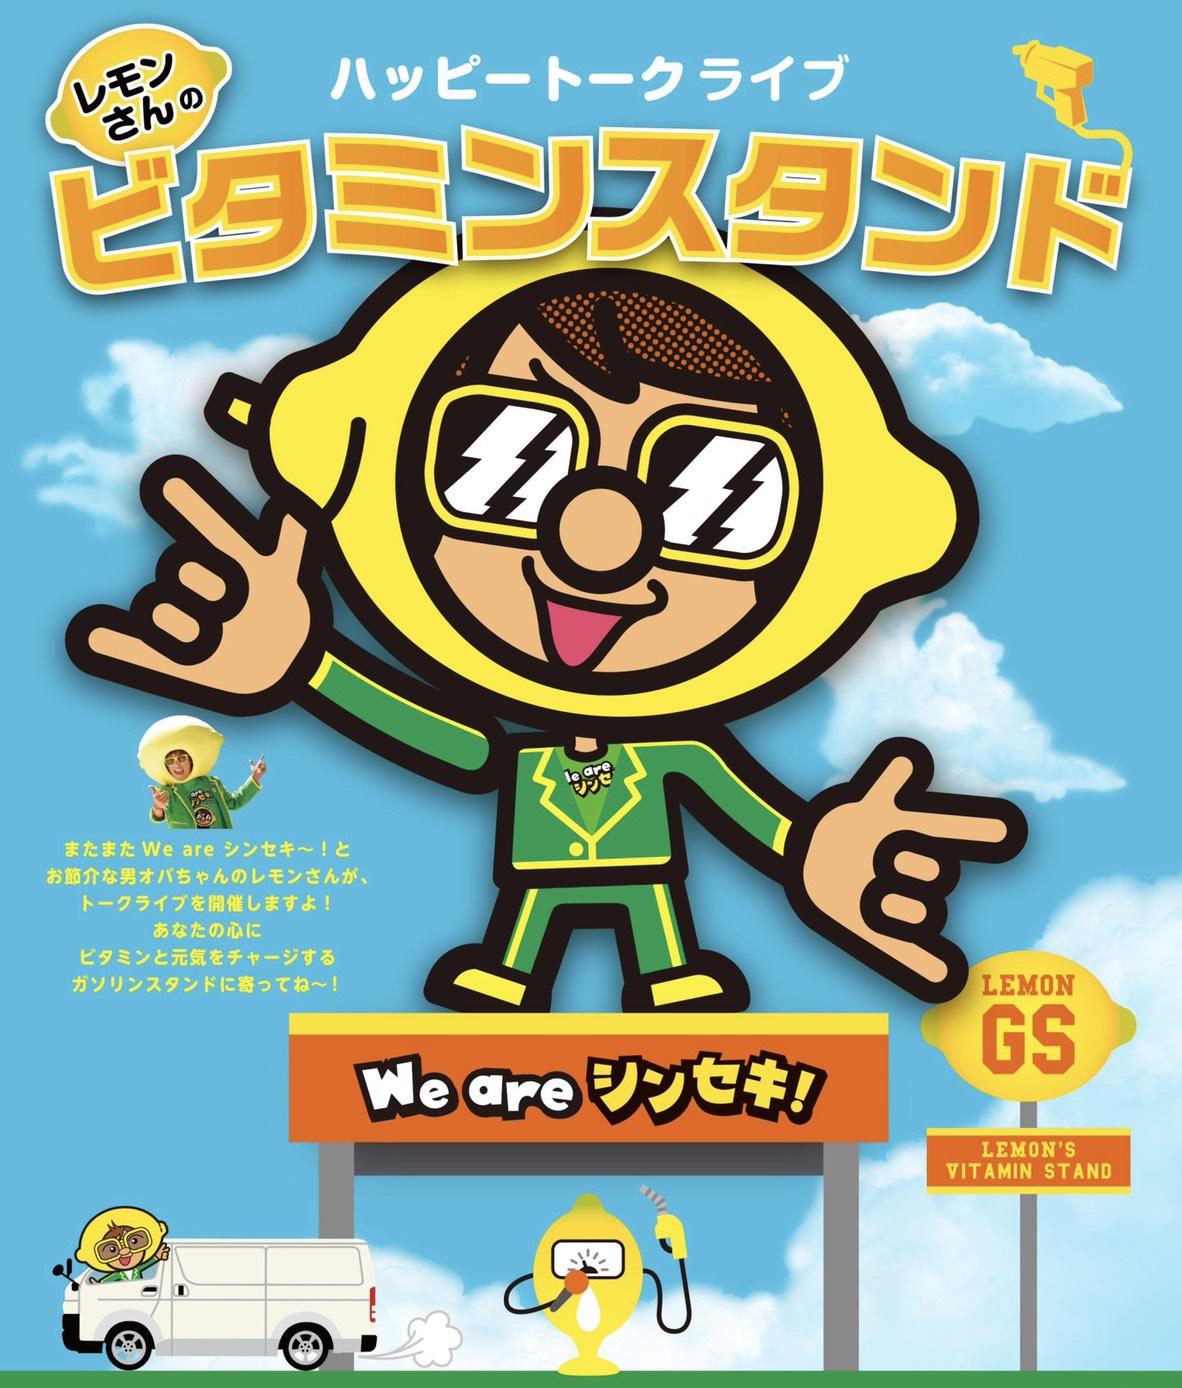 トークライブ「レモンさんのビタミンスタンド!vol.8」